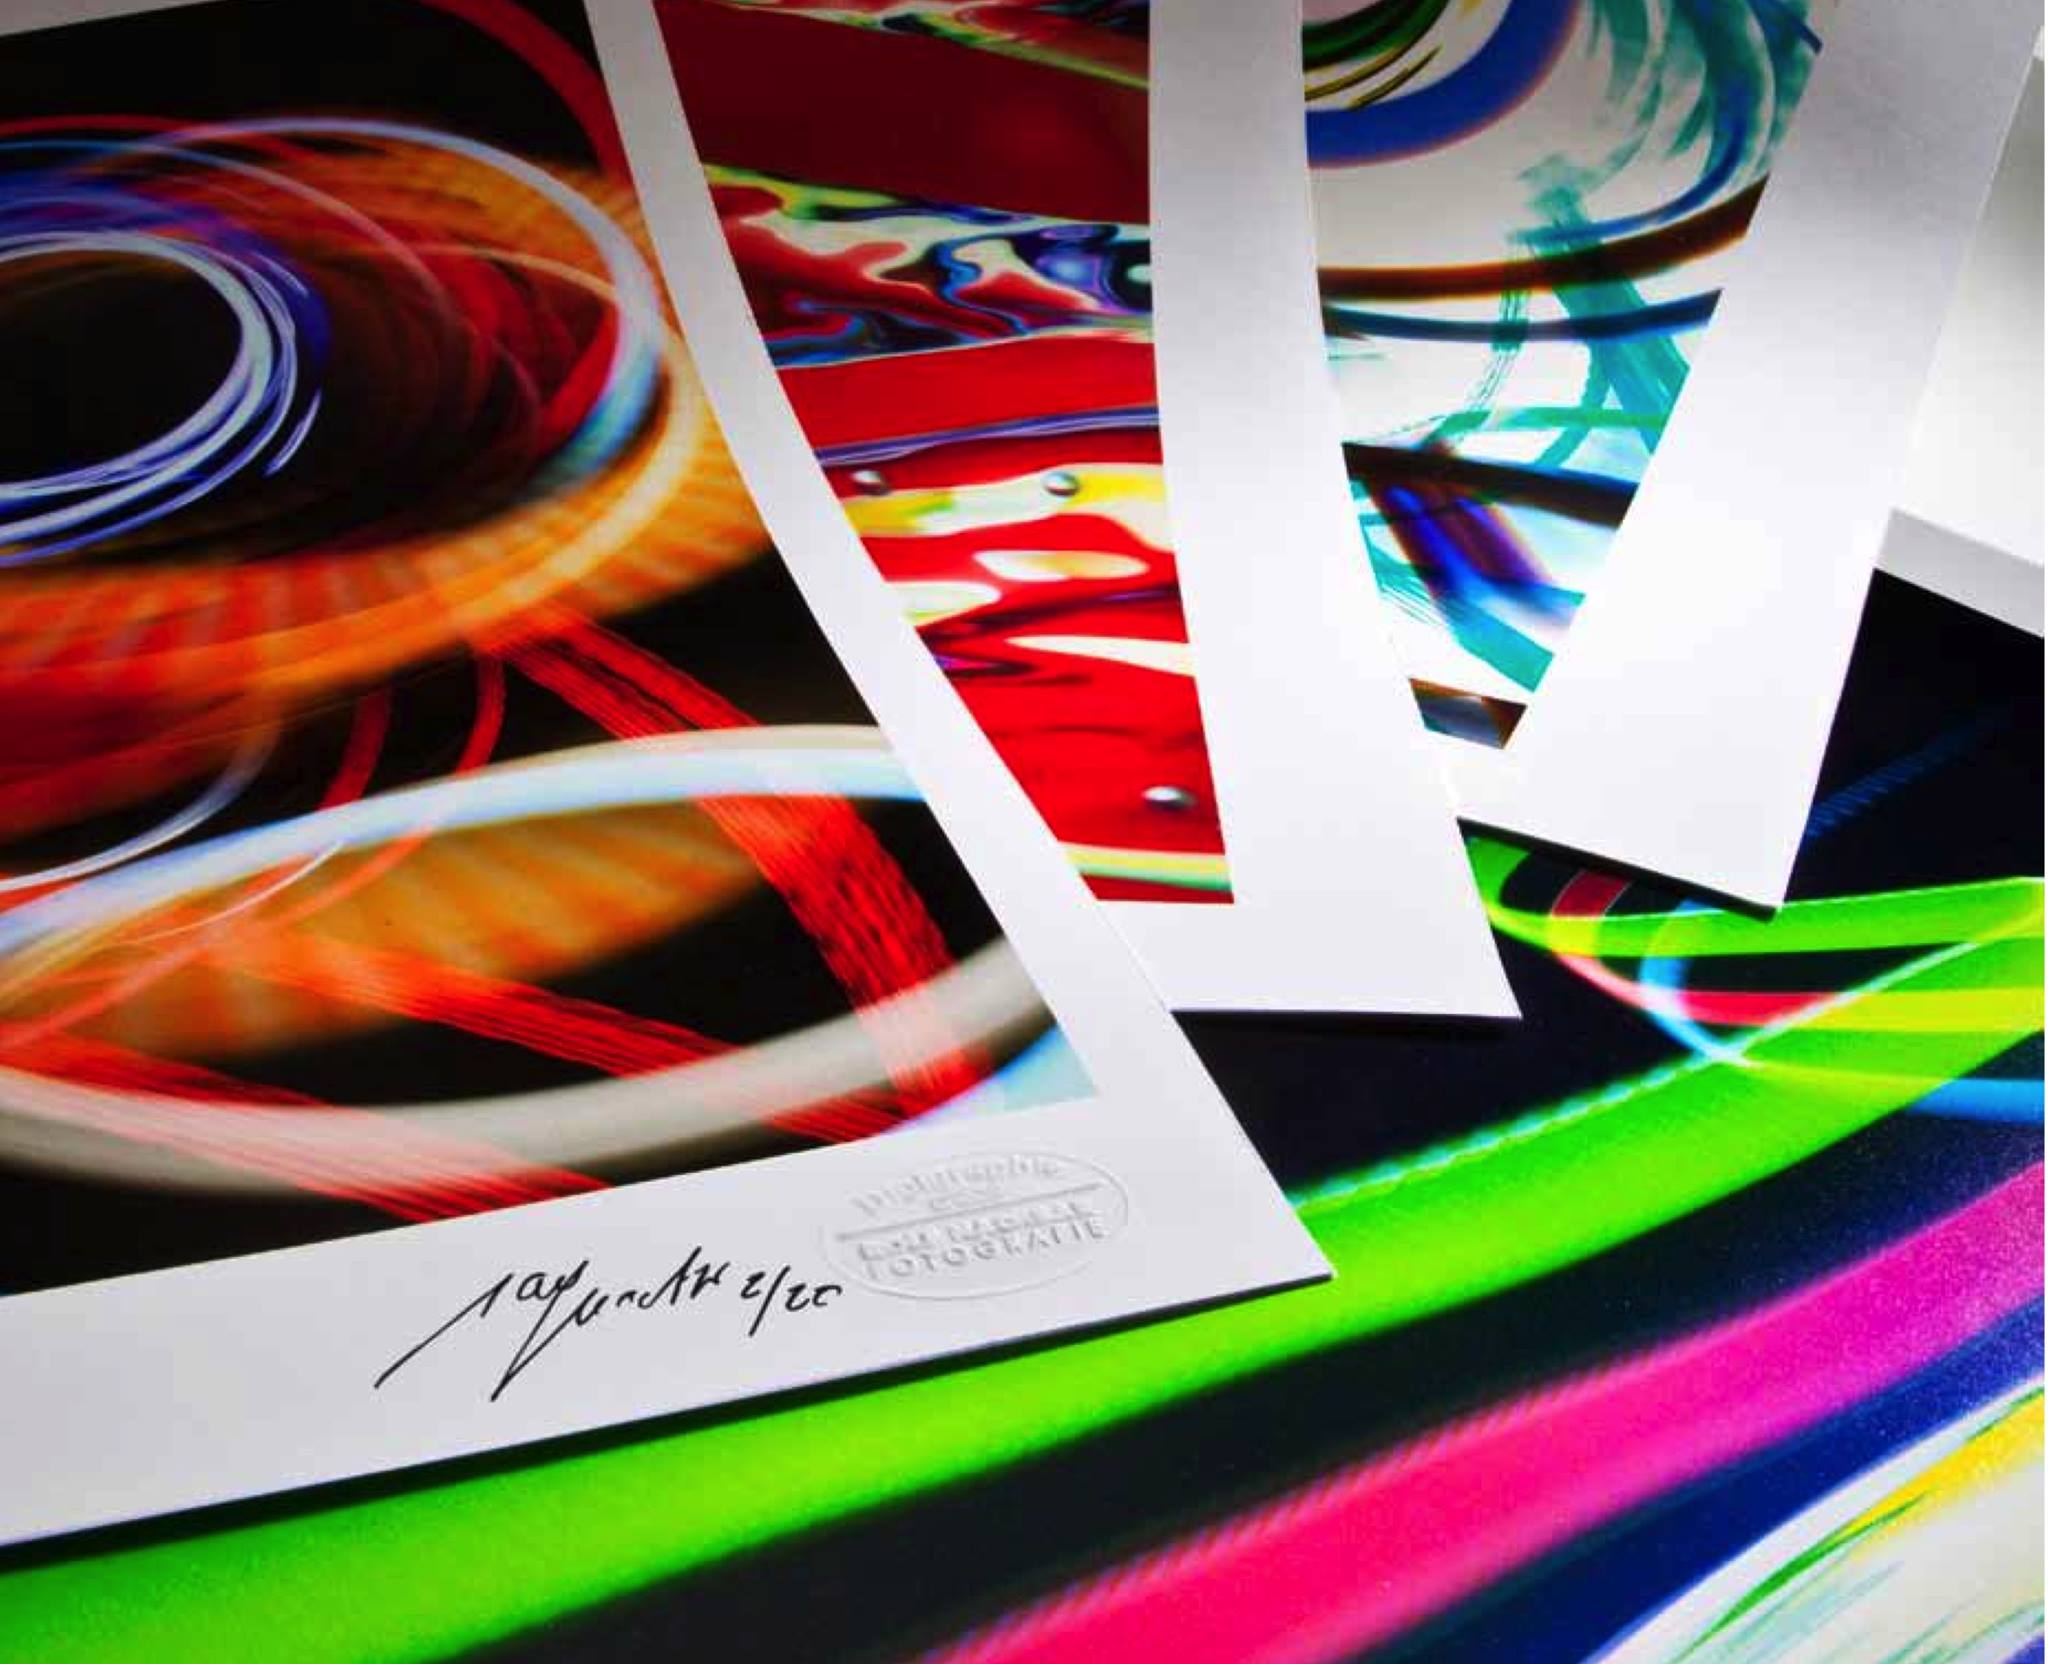 """Der Epson-Fotowettbewerb hat in diesem Jahr das Thema """"Elemente im Kontrast: – Erde, Feuer, Luft und Wasser"""". Die Bilder können bis zum 17. Mai 2015 über die Facebook-Seite von Epson Deutschland eingereicht werden."""